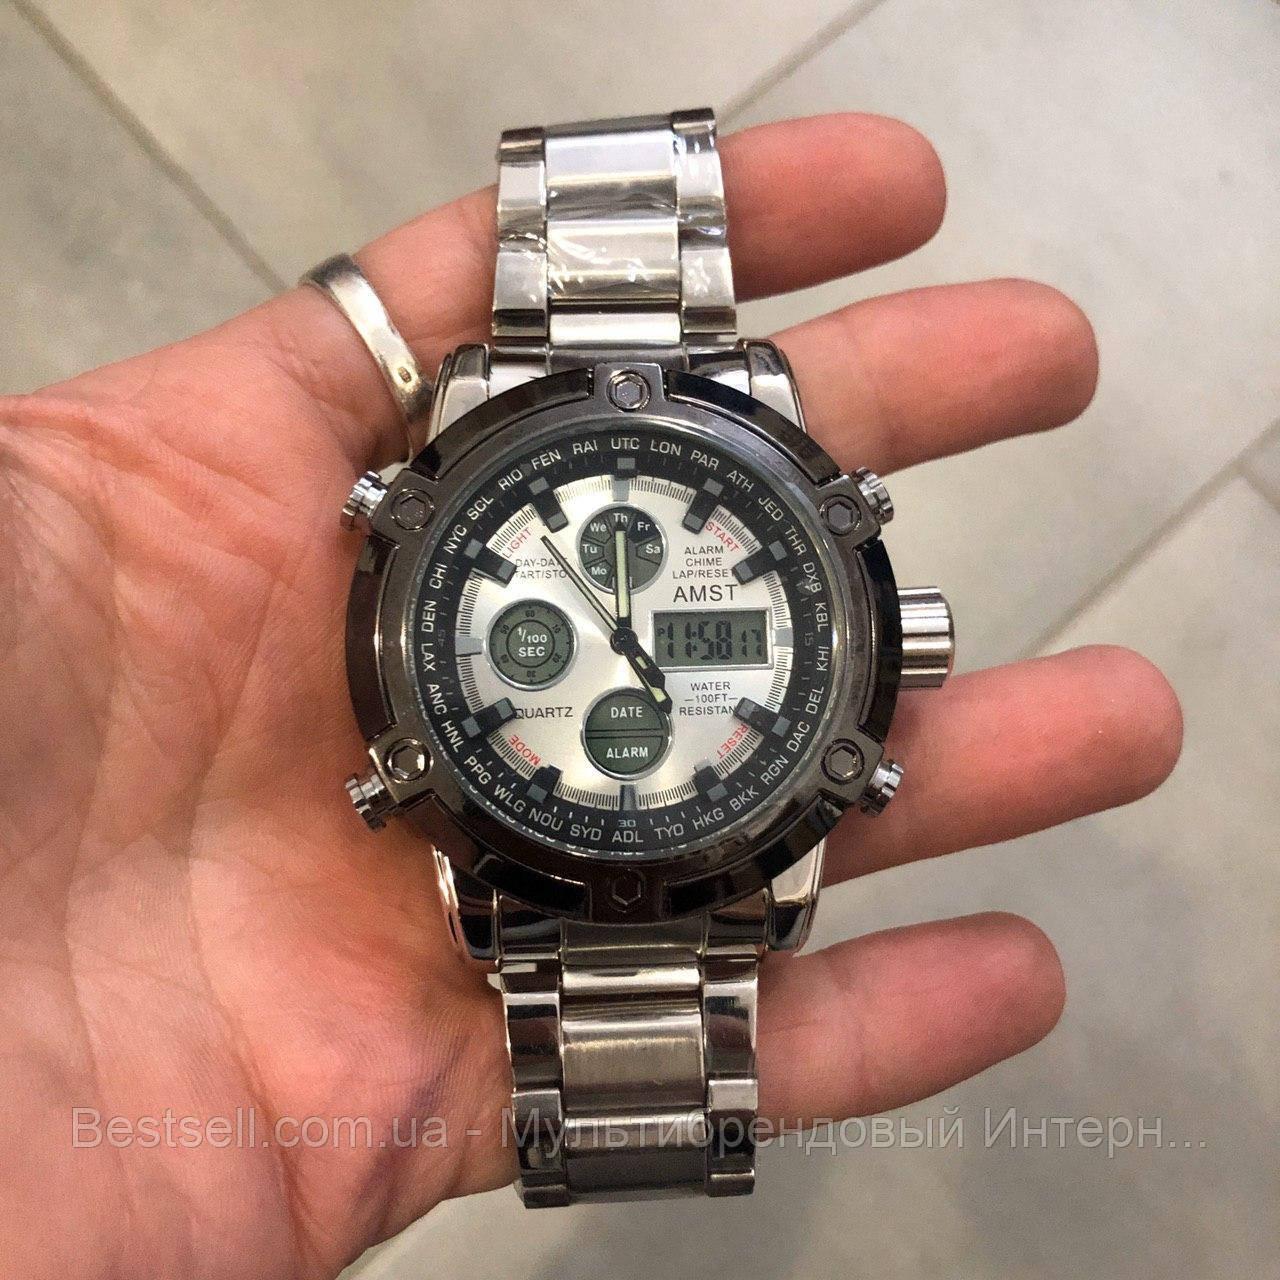 Оригинальные наручные мужские часы AMST 3022 Metall Silver-Black-Silver